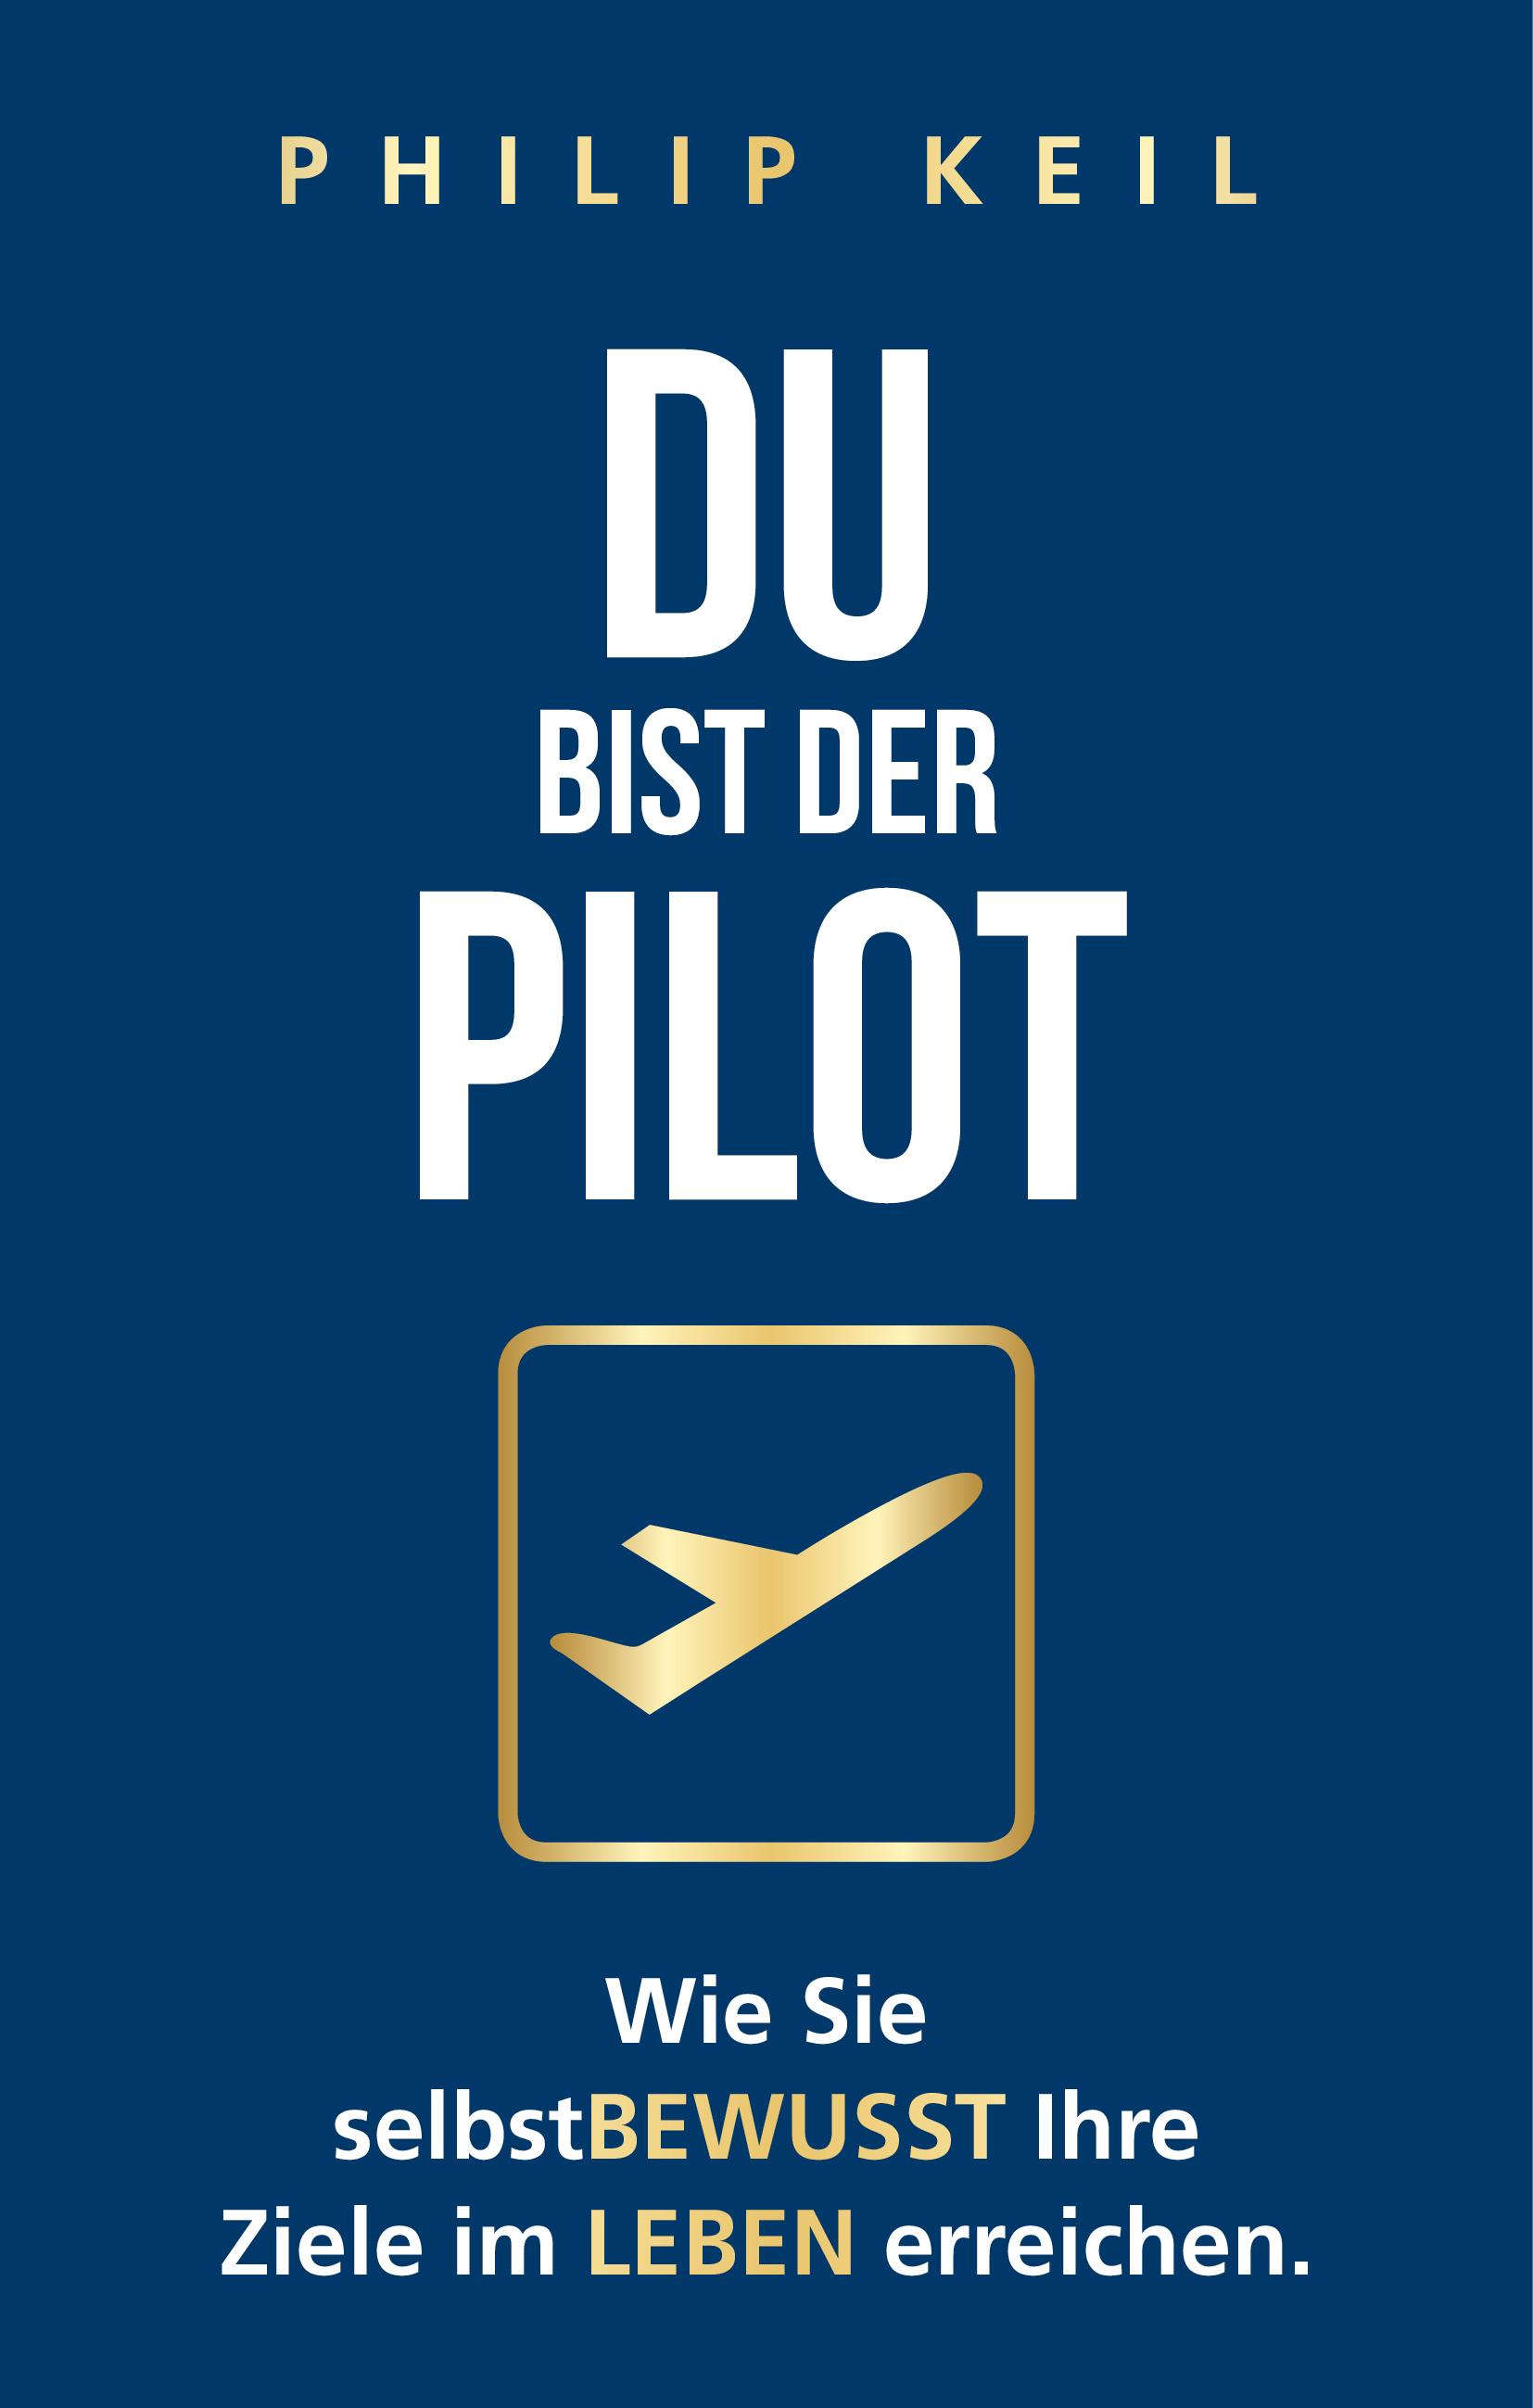 Expert Marketplace -  Philip Keil  - DU bist der Pilot! Wie Sie selbst BEWUSST Ihre Ziele im LEBEN erreichen.